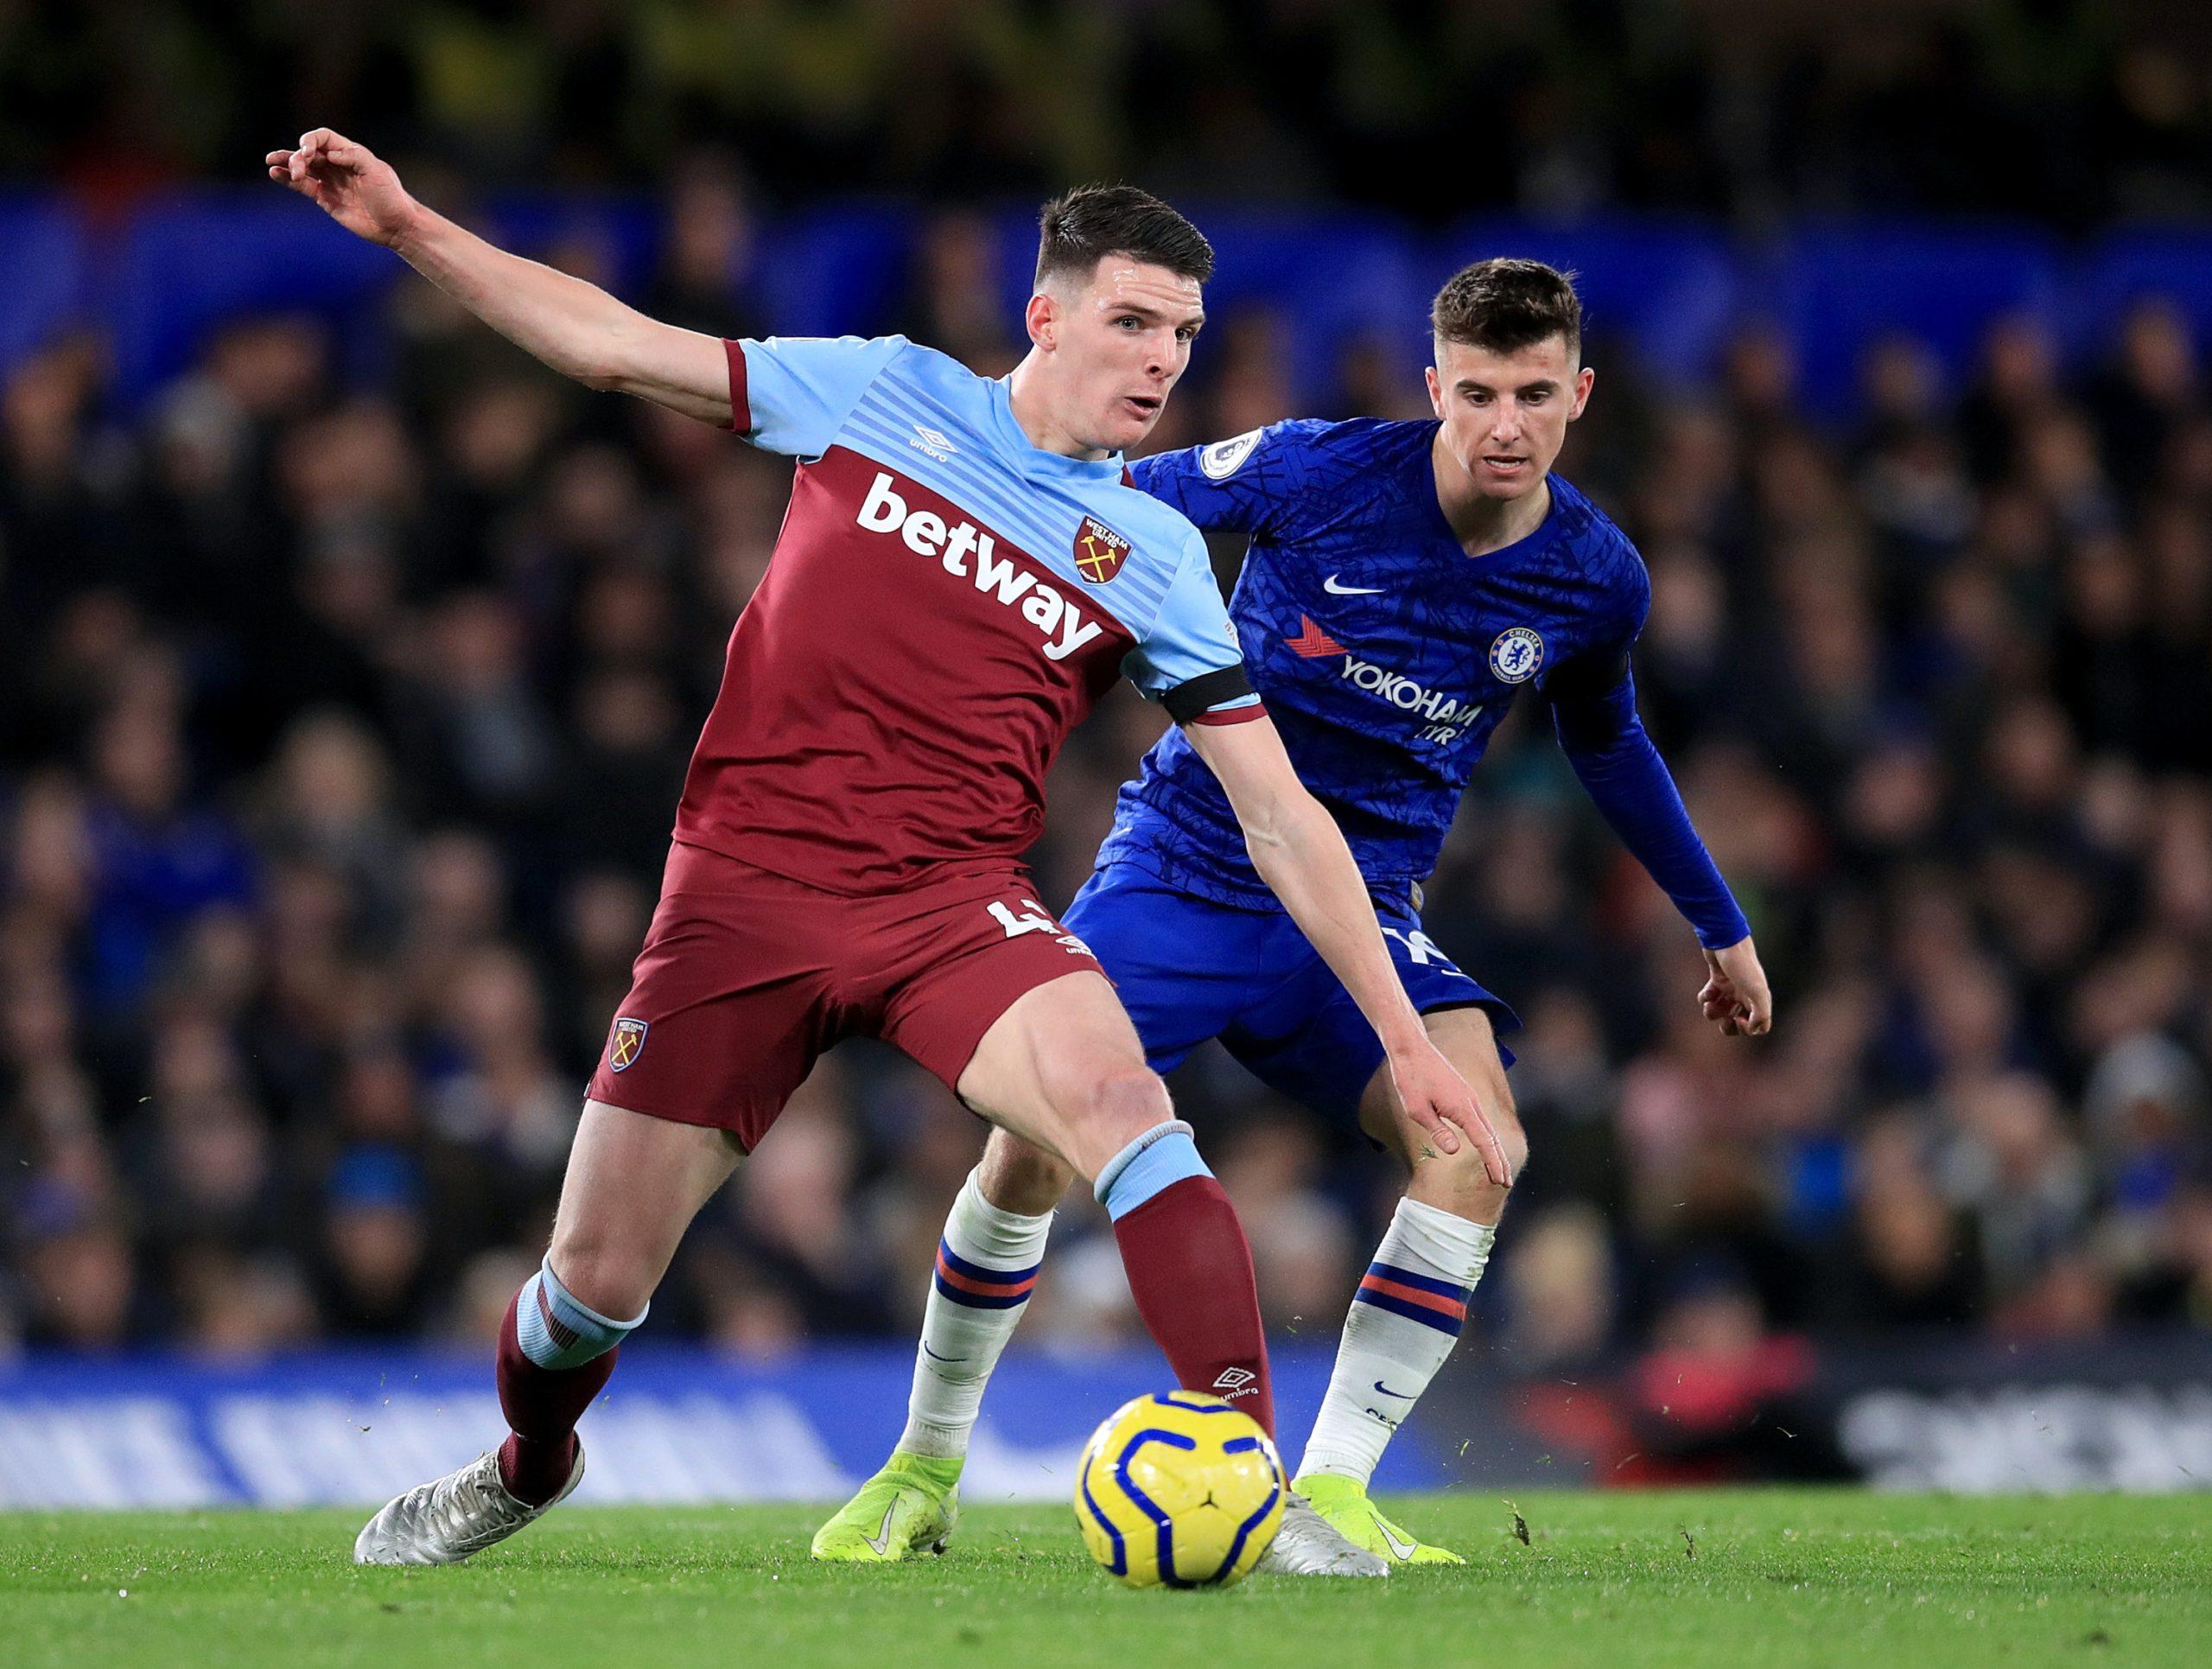 Declan Rice is best midfielder (Source: Live Sport Centre)